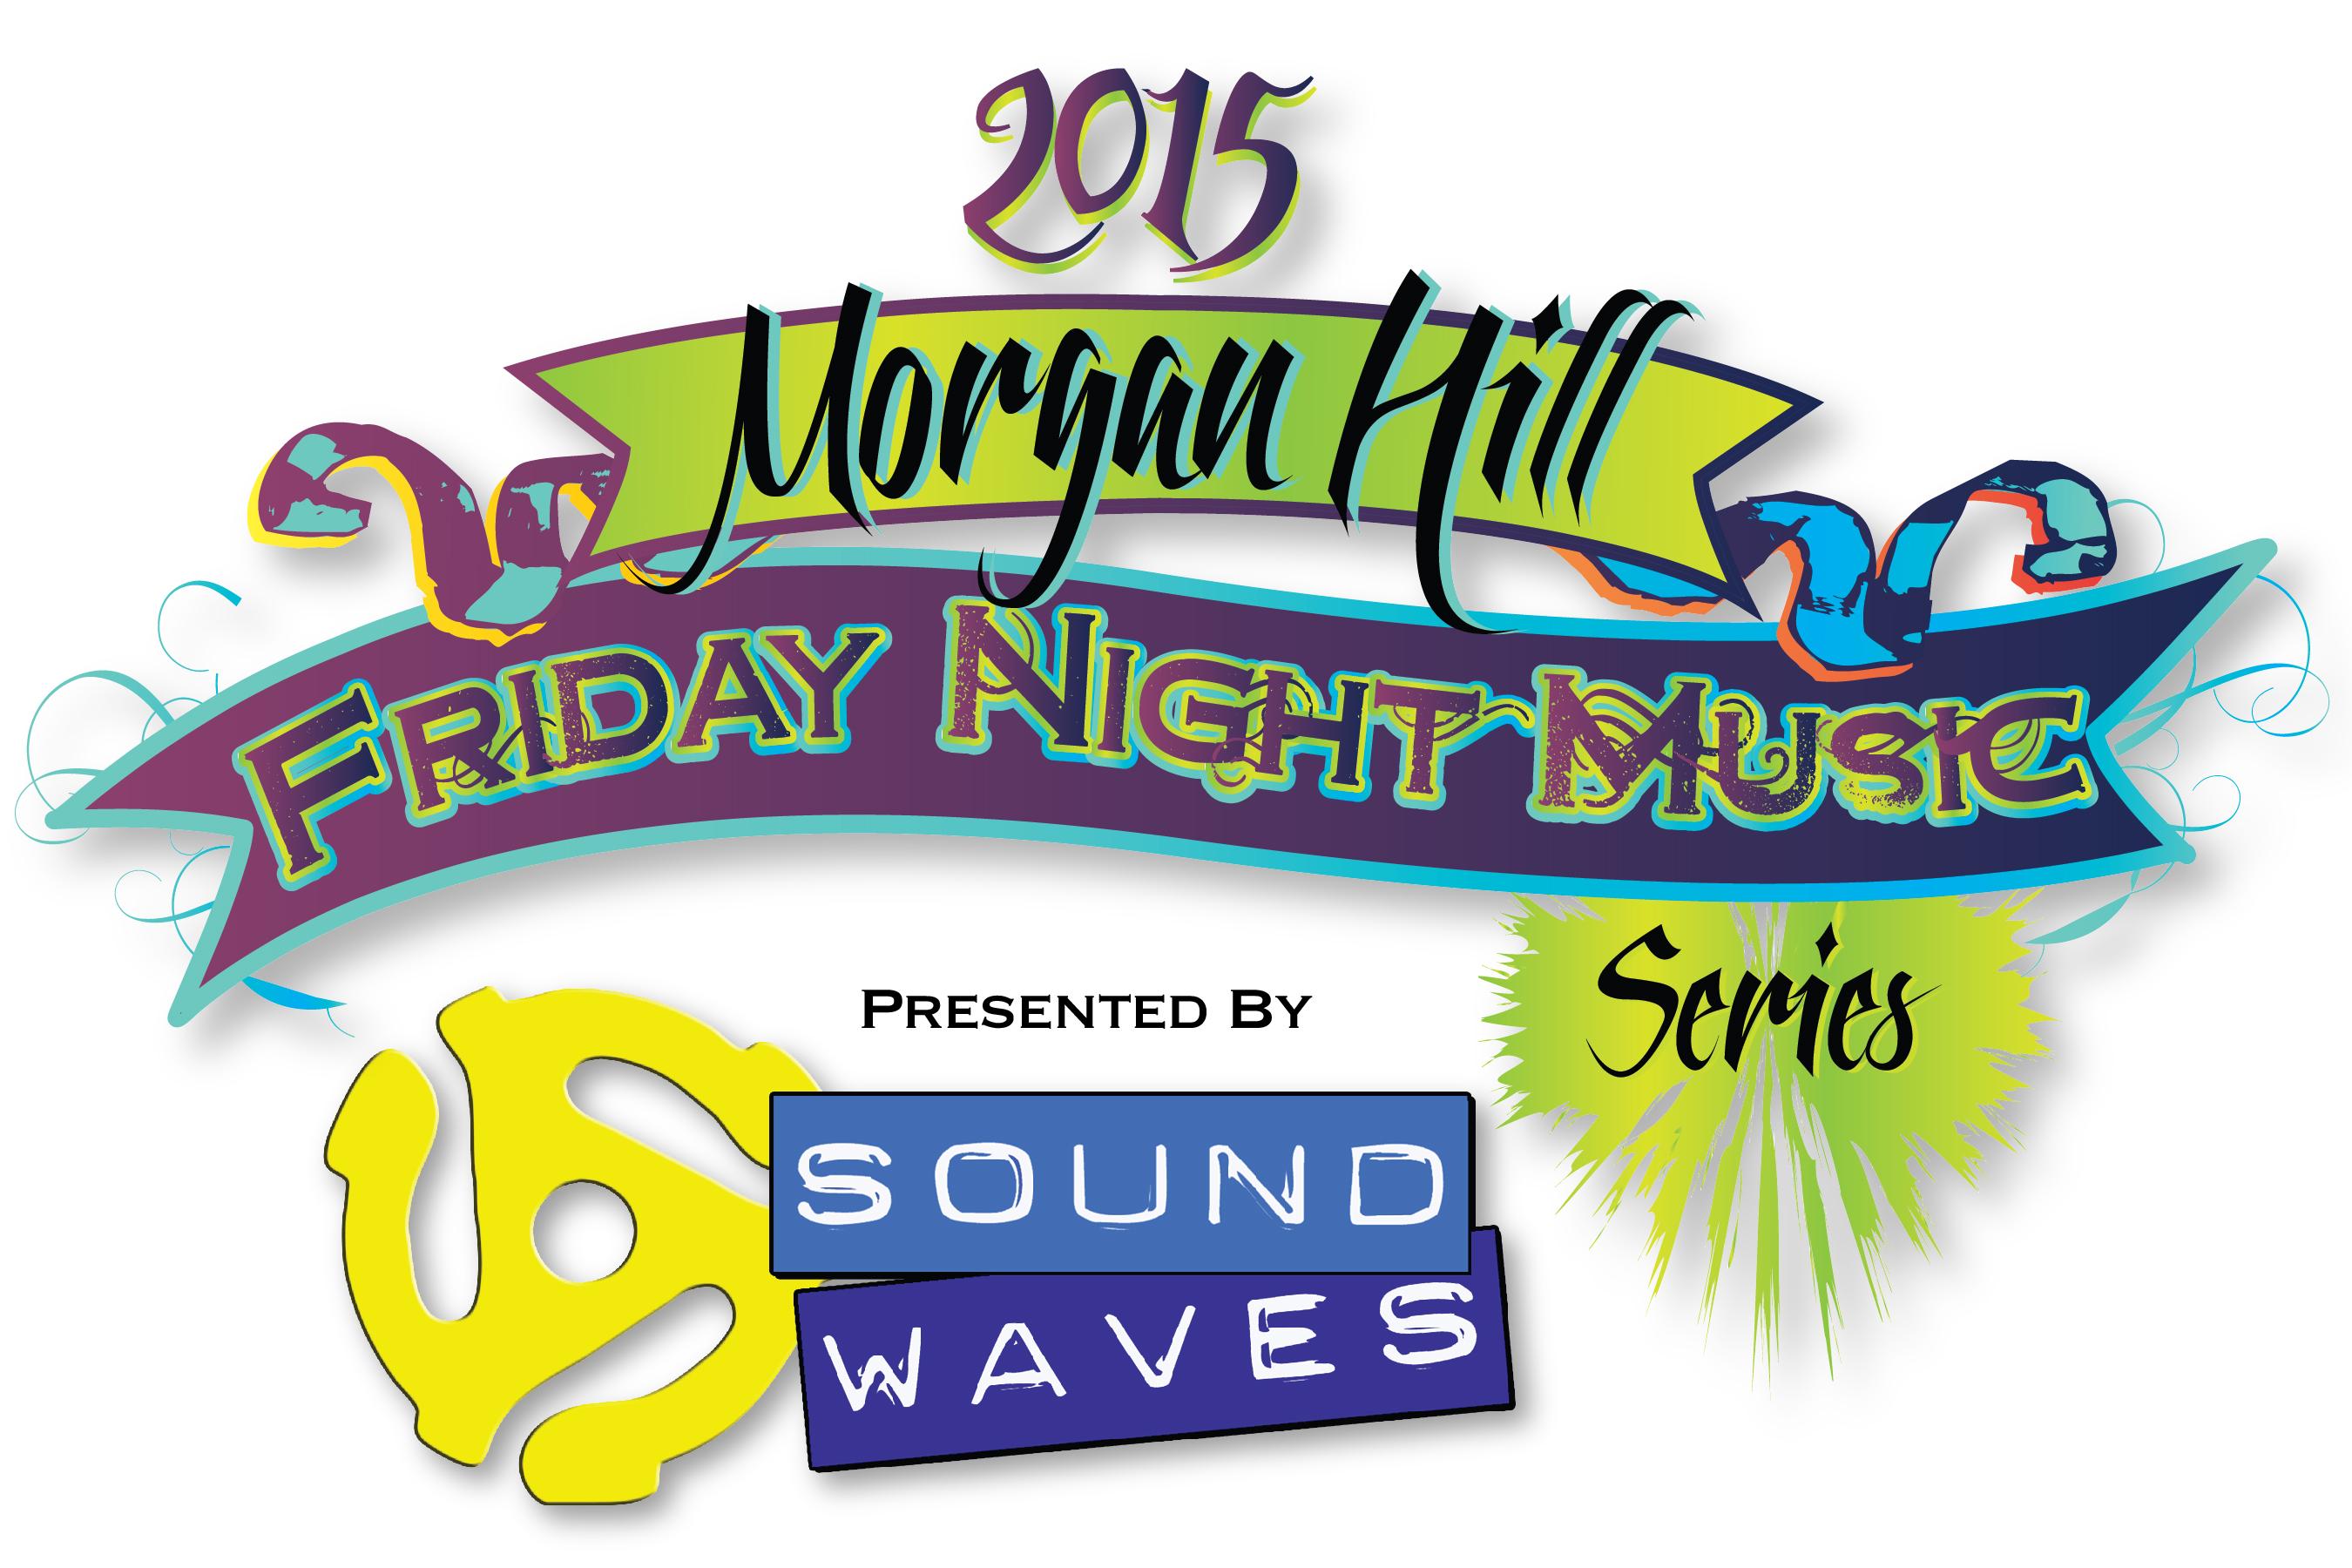 2015 Morgan Hill Friday Night Music Series